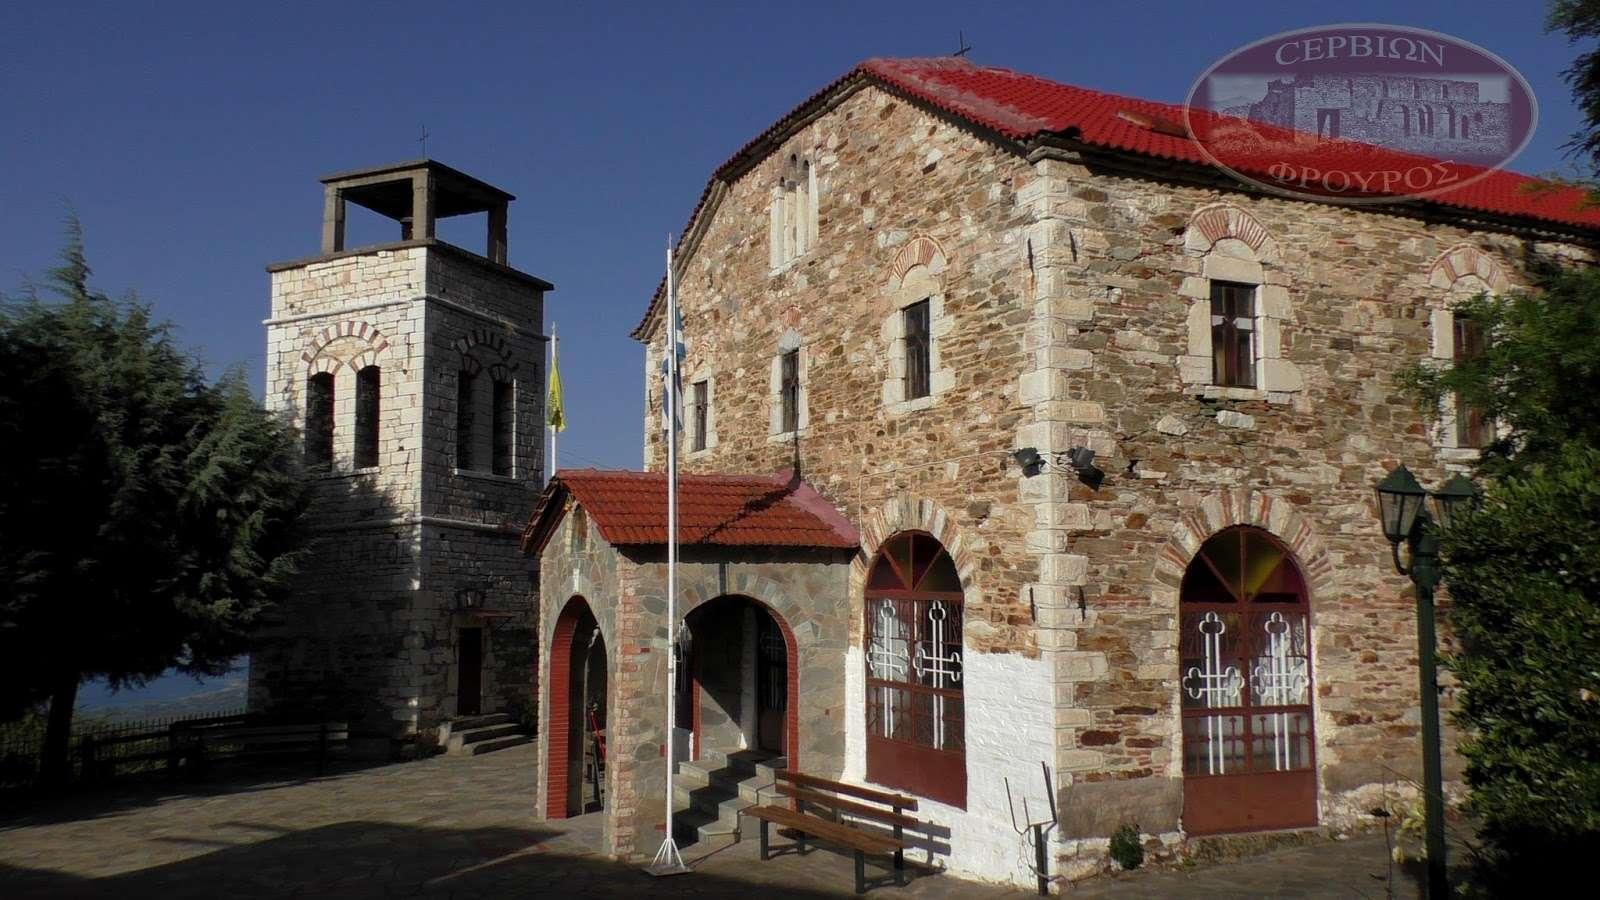 Εκκλησία στην Καστανιά Σερβίων